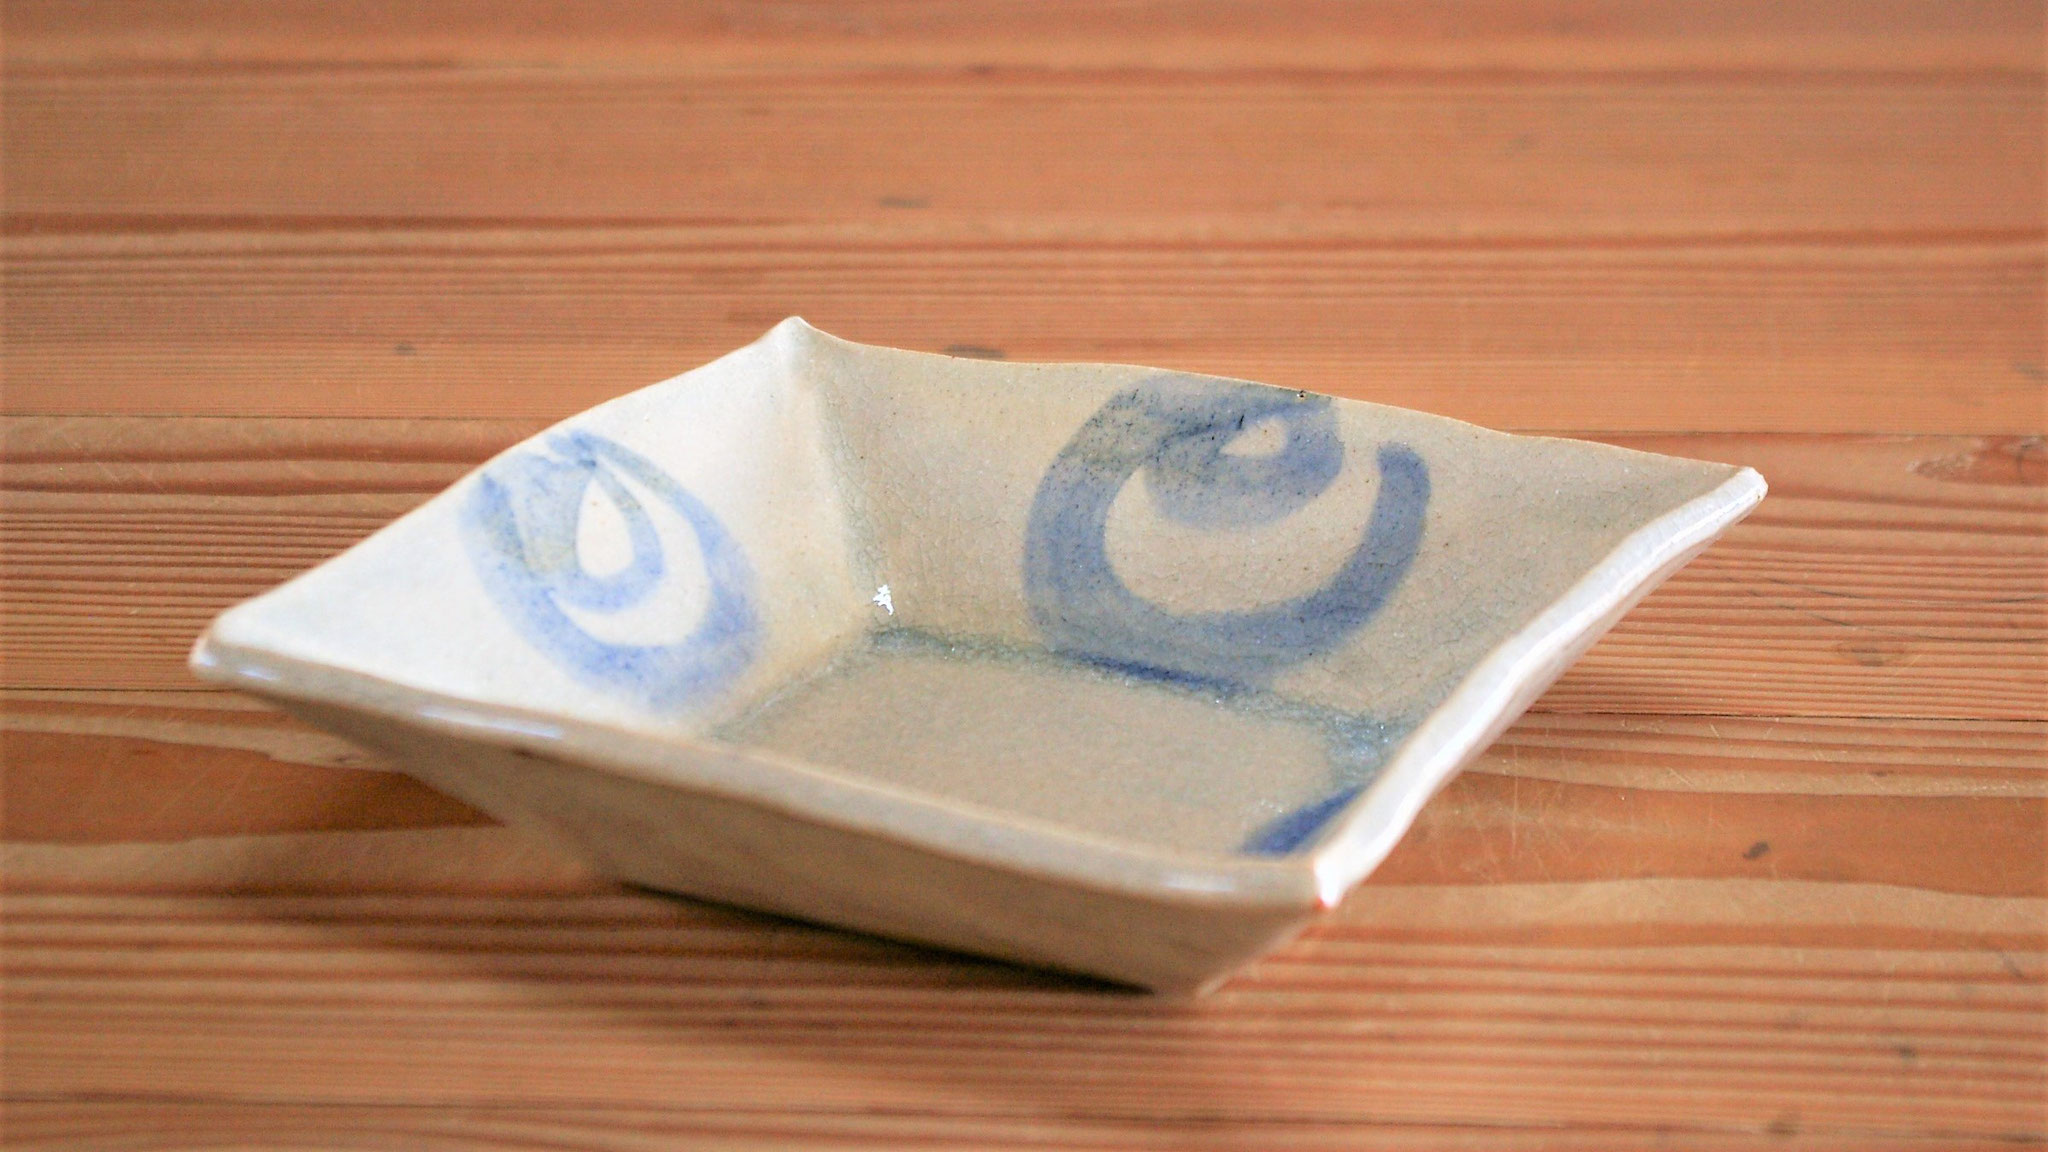 四角い鉢:古代呉須(青い顔料)で模様付けして石灰透明釉を施釉